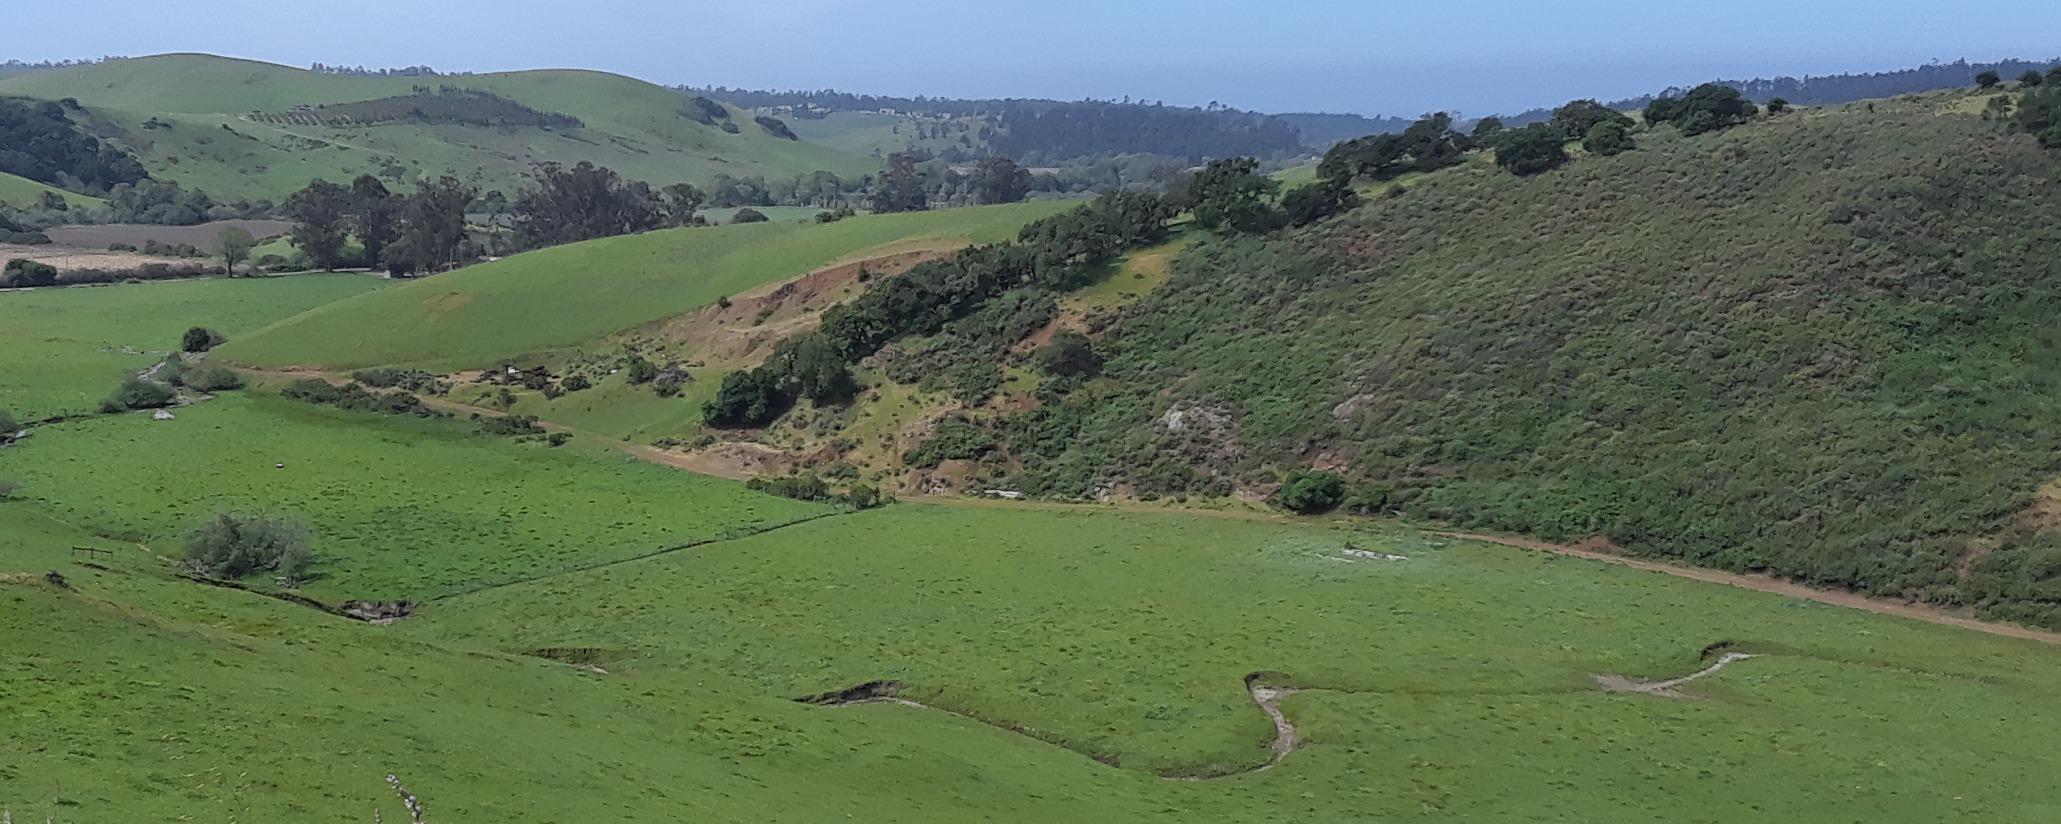 Santa Rosa Creek Watershed Management Plan